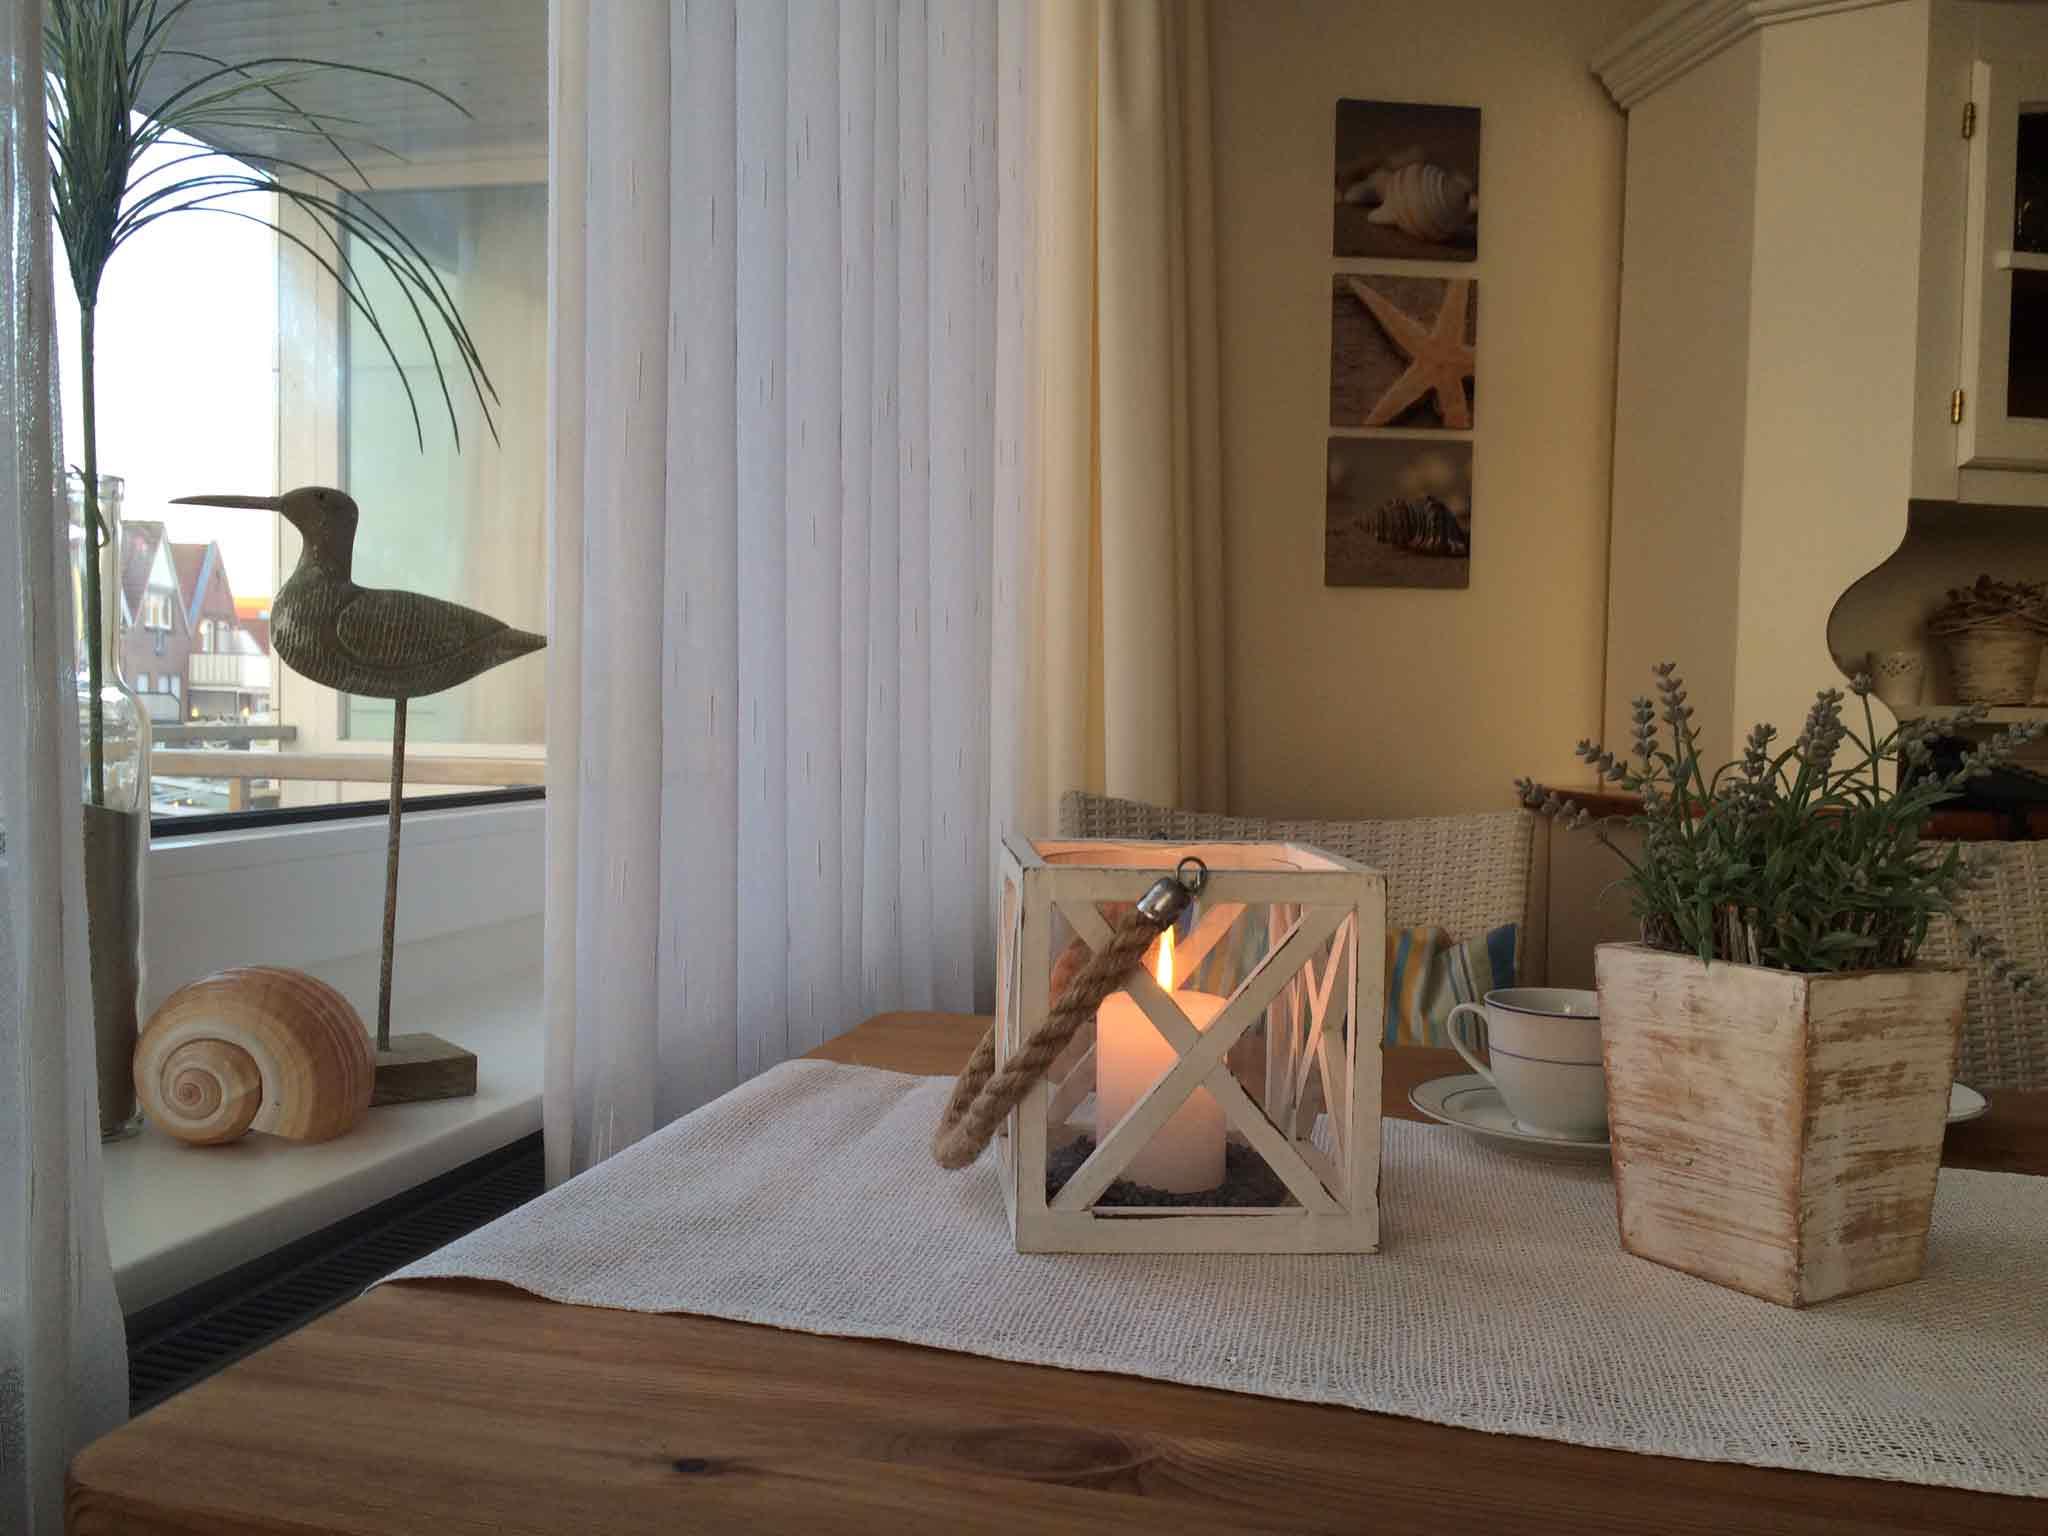 moinborkum die ferienwohnung. Black Bedroom Furniture Sets. Home Design Ideas